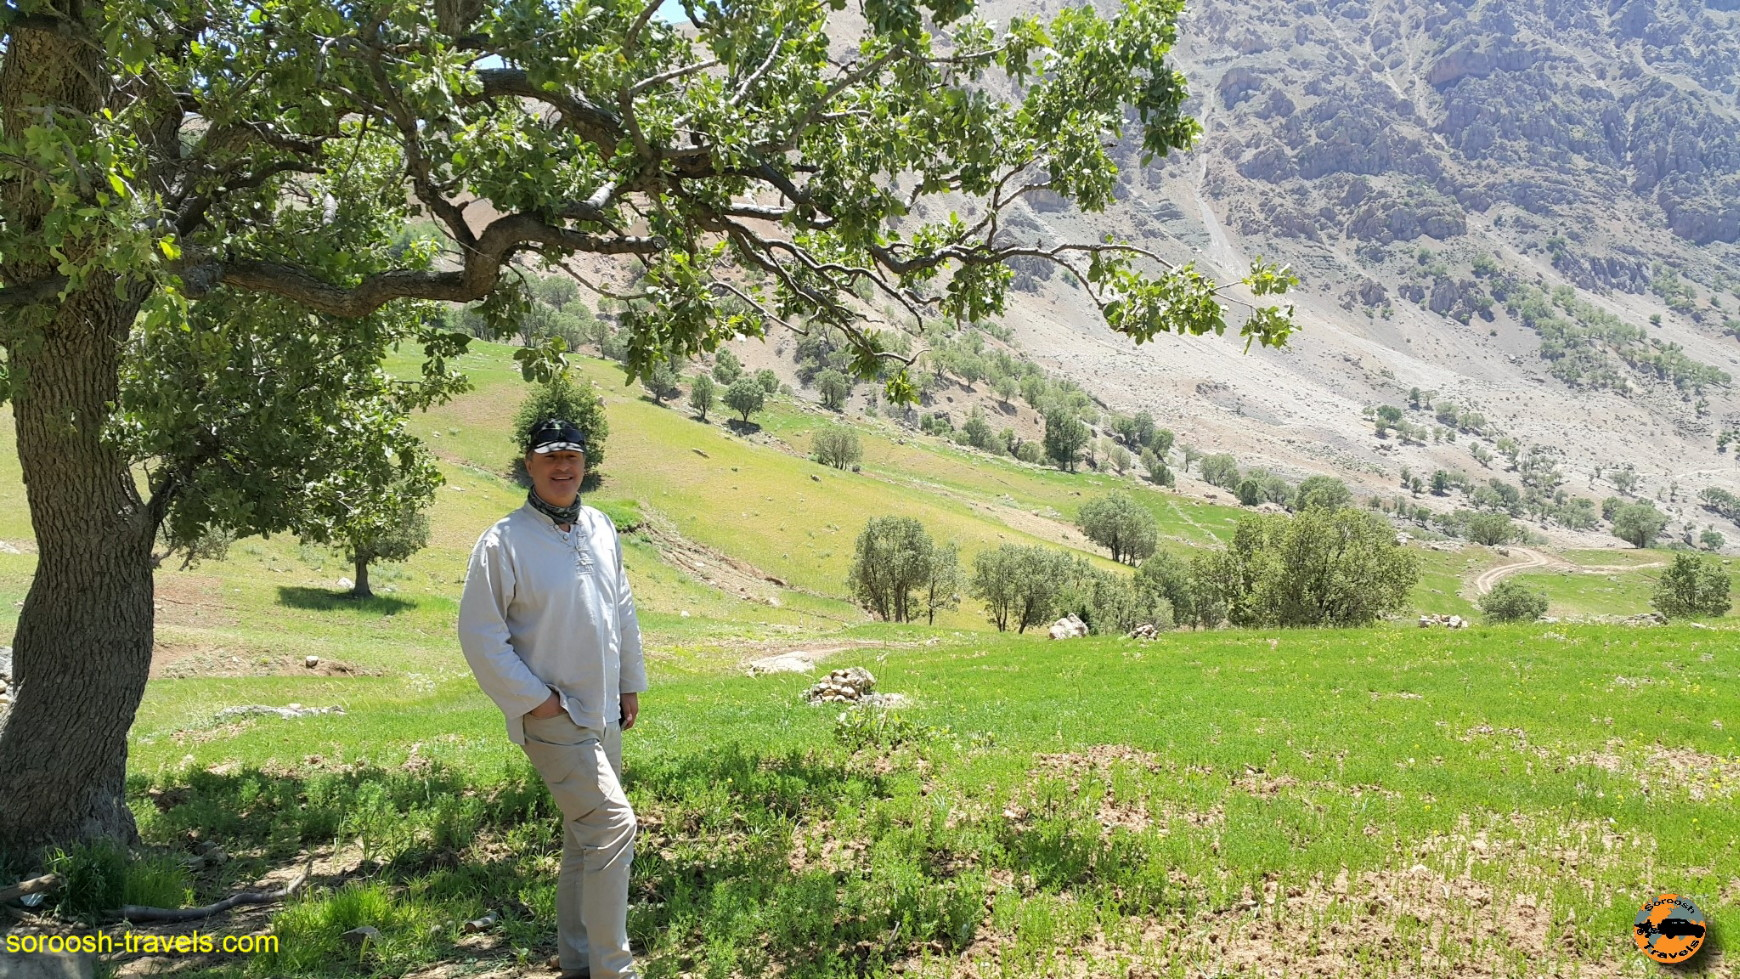 سلسله جبال زاگرس شگفت انگیز - خرداد ۱۳۹۶